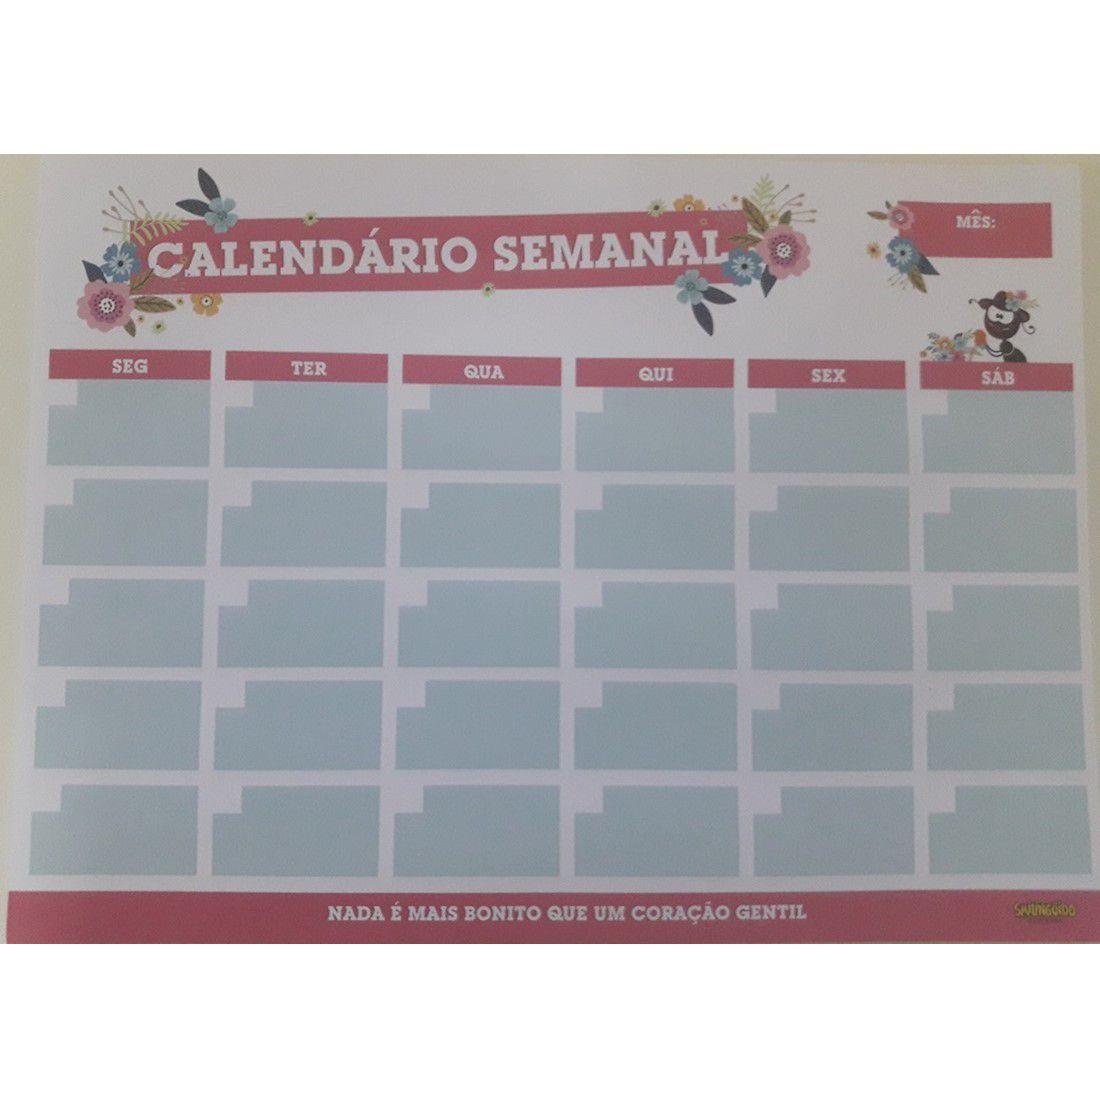 Calendário Semanal Faniquita - Rosa